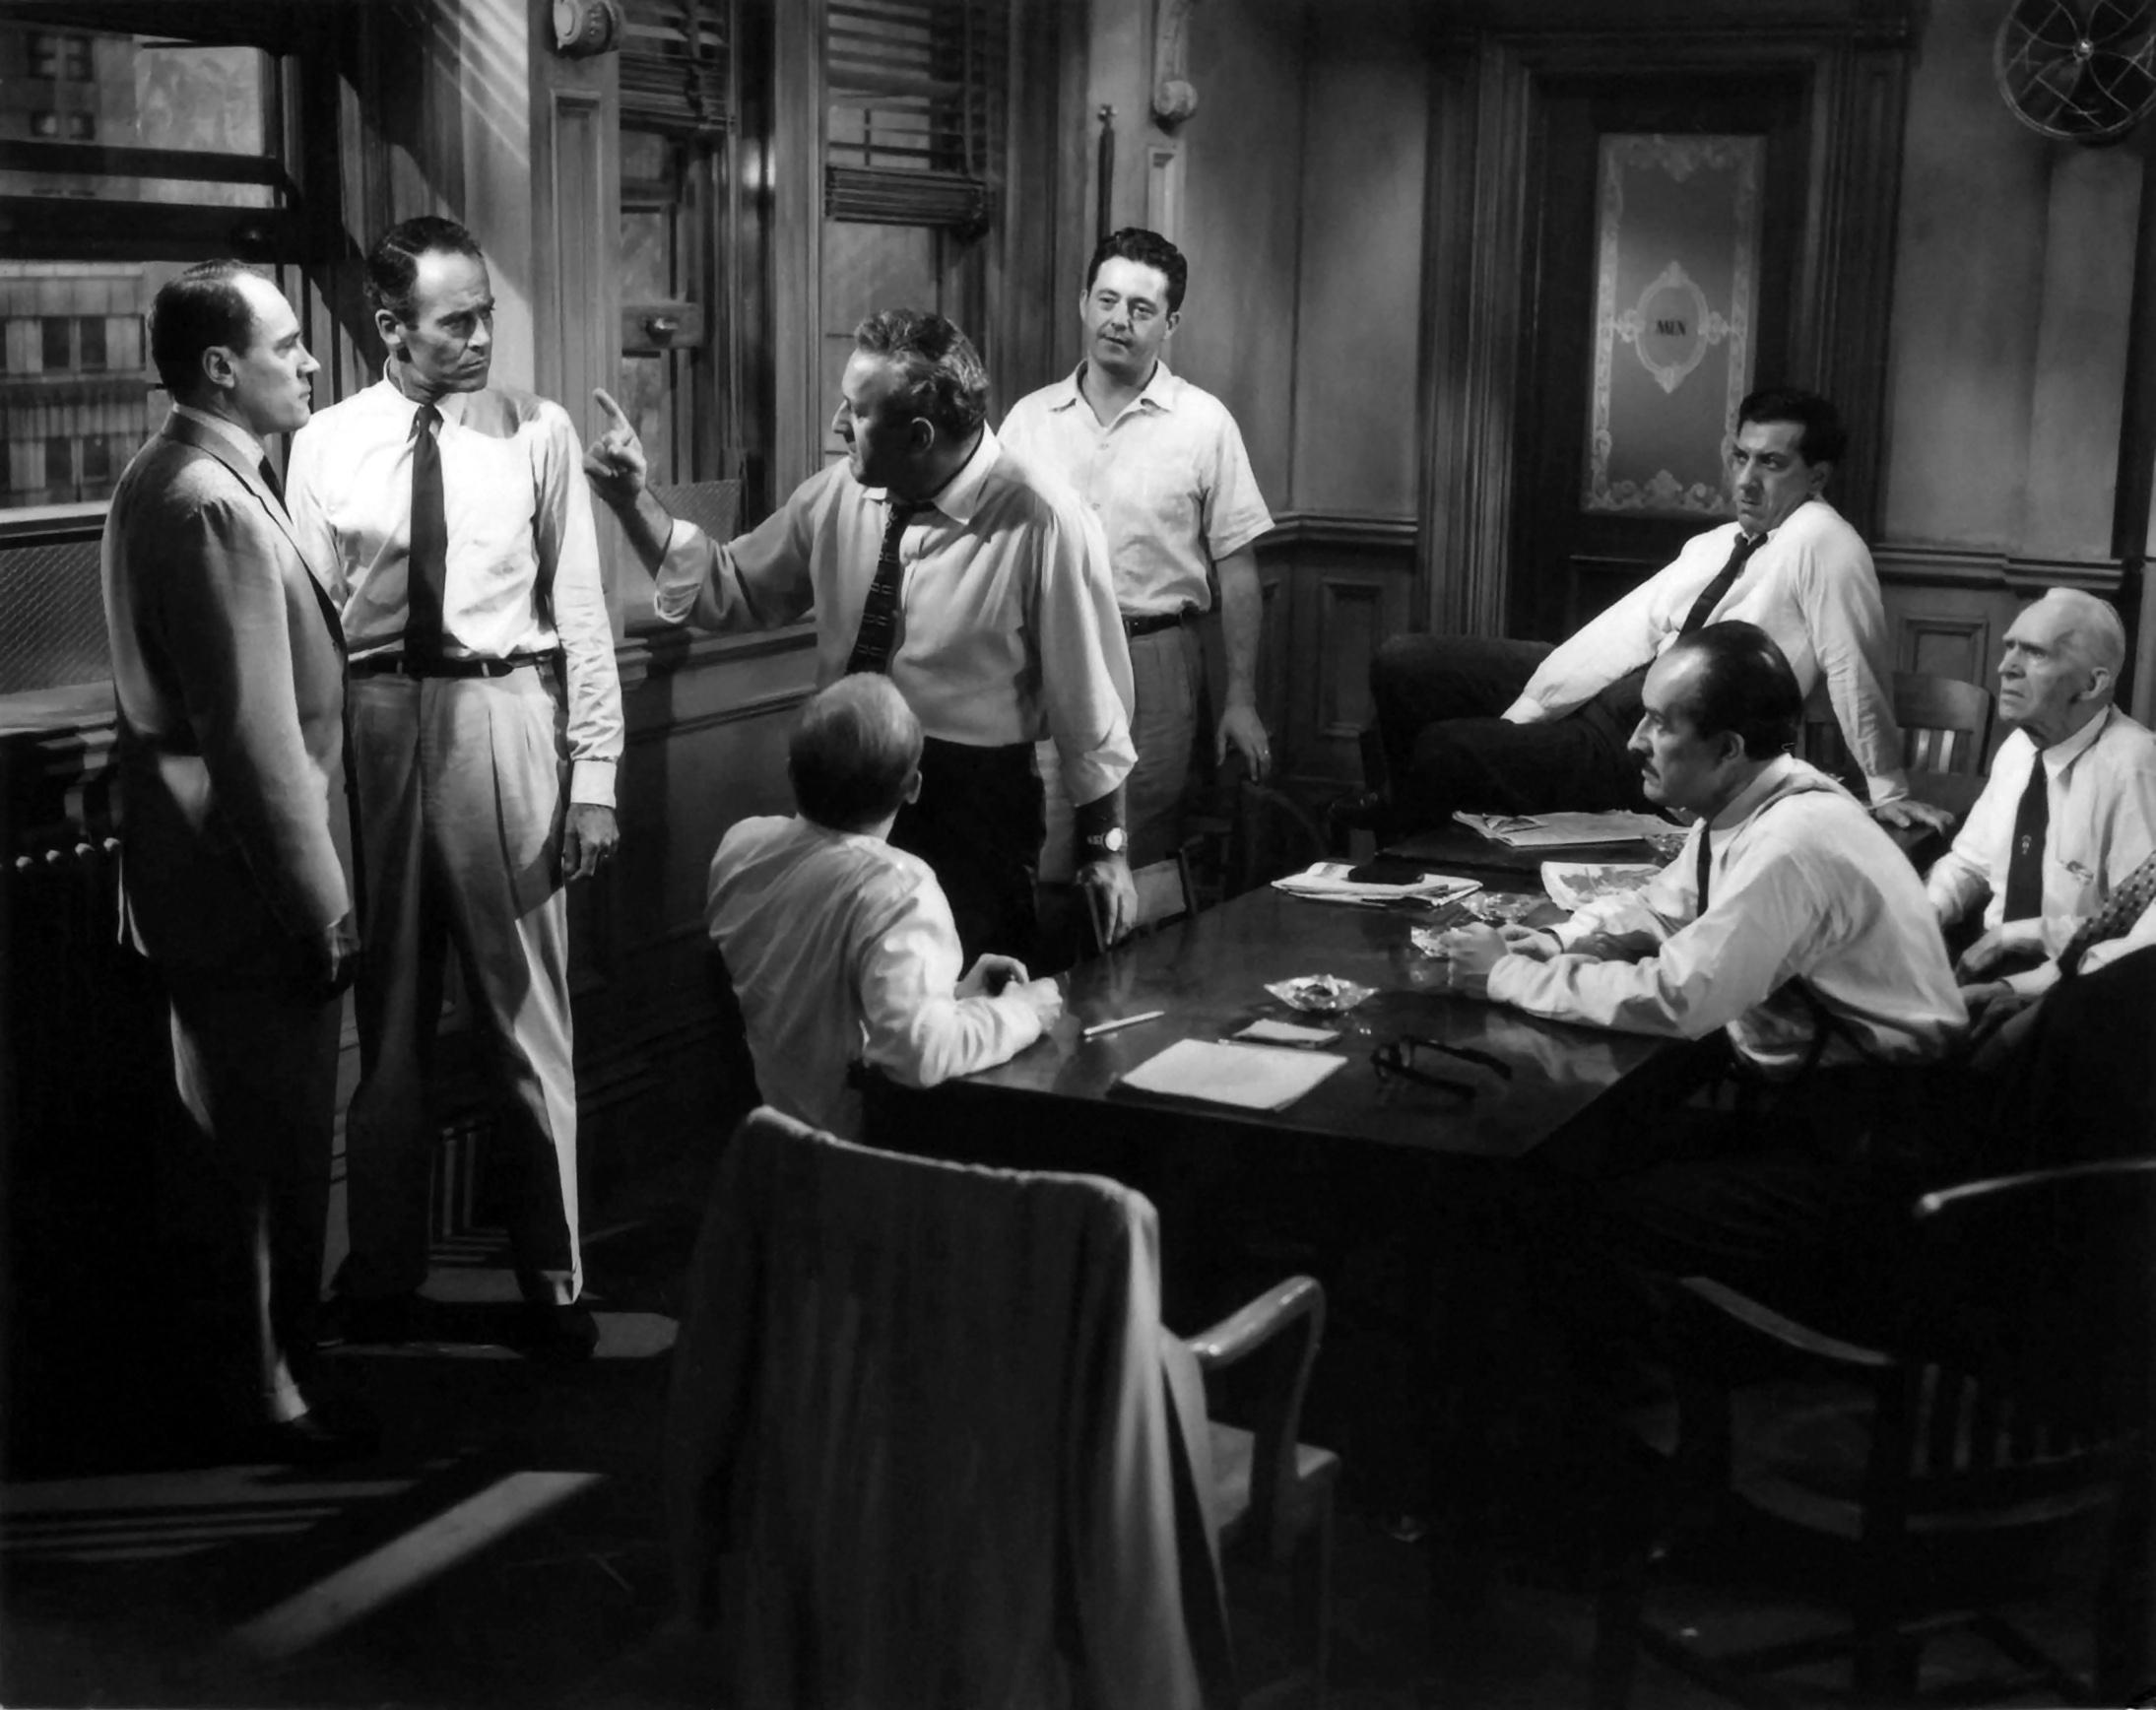 Разговорные фильмы 12 разгневанных мужчин 12 angry men